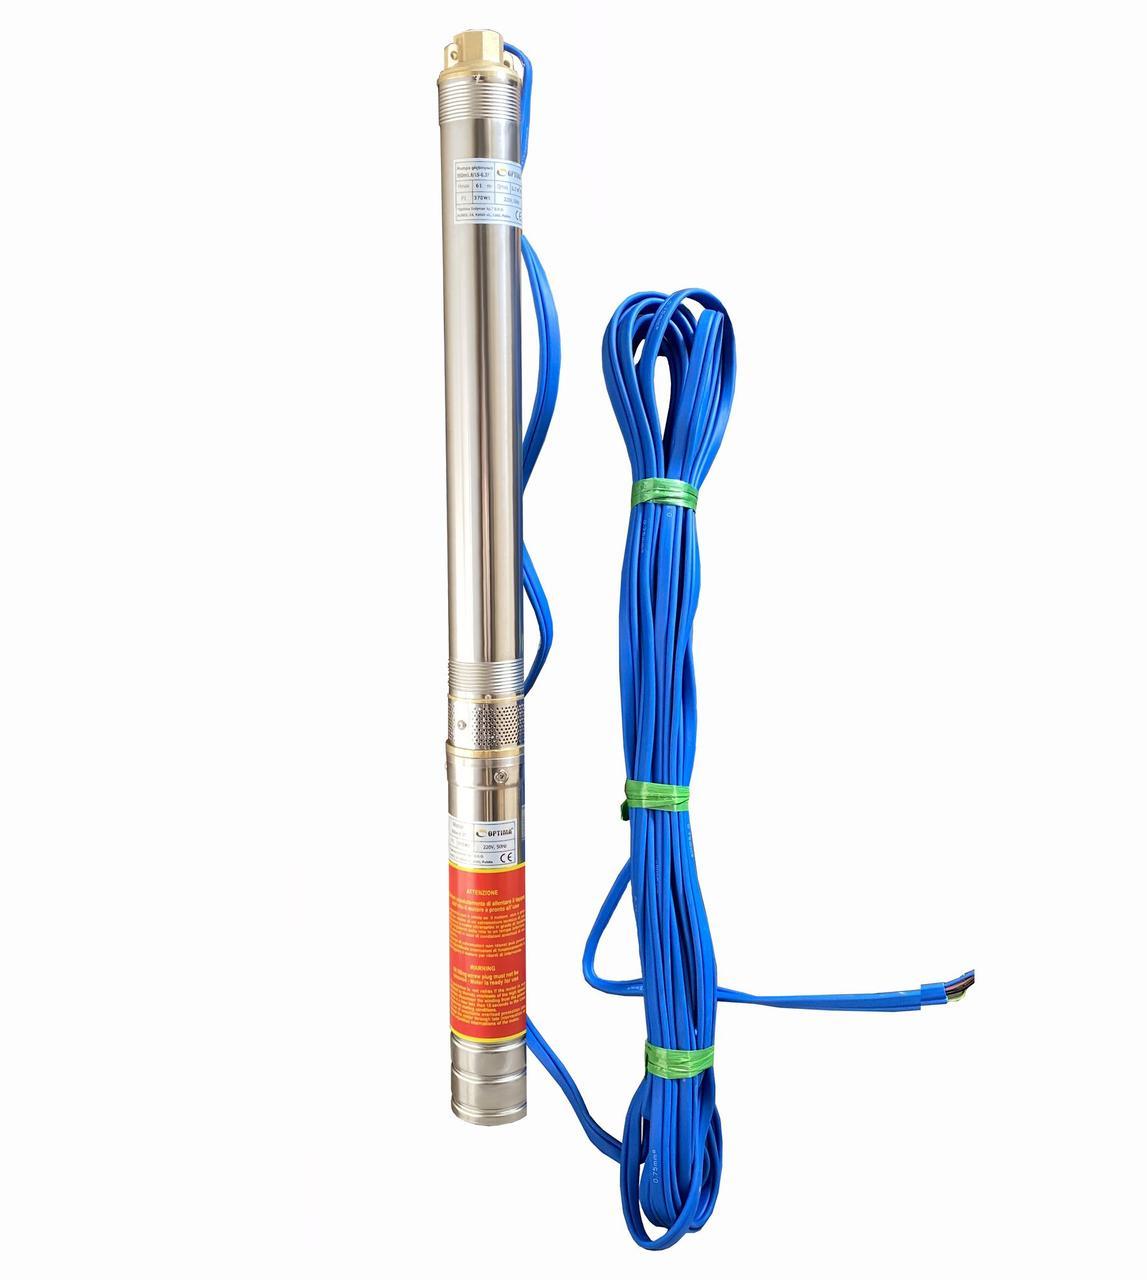 Відцентровий Насос свердловинний Optima 3SDm1,8/15 0,37 кВт 61 м + кабель 30 м і пульт